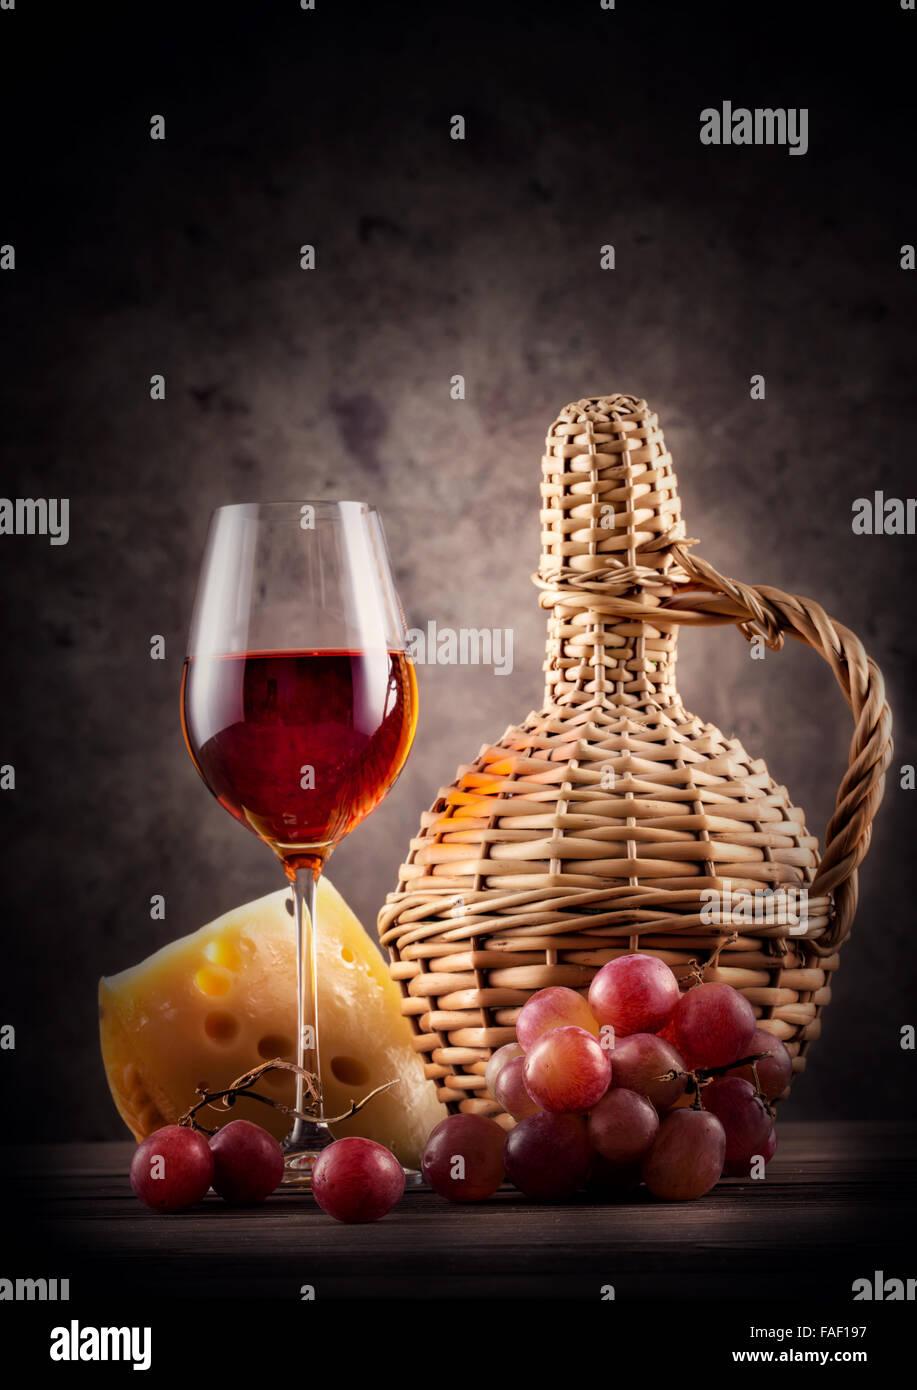 Glas Rotwein Mit Dekanter Und Trauben Auf Dunklem Hintergrund